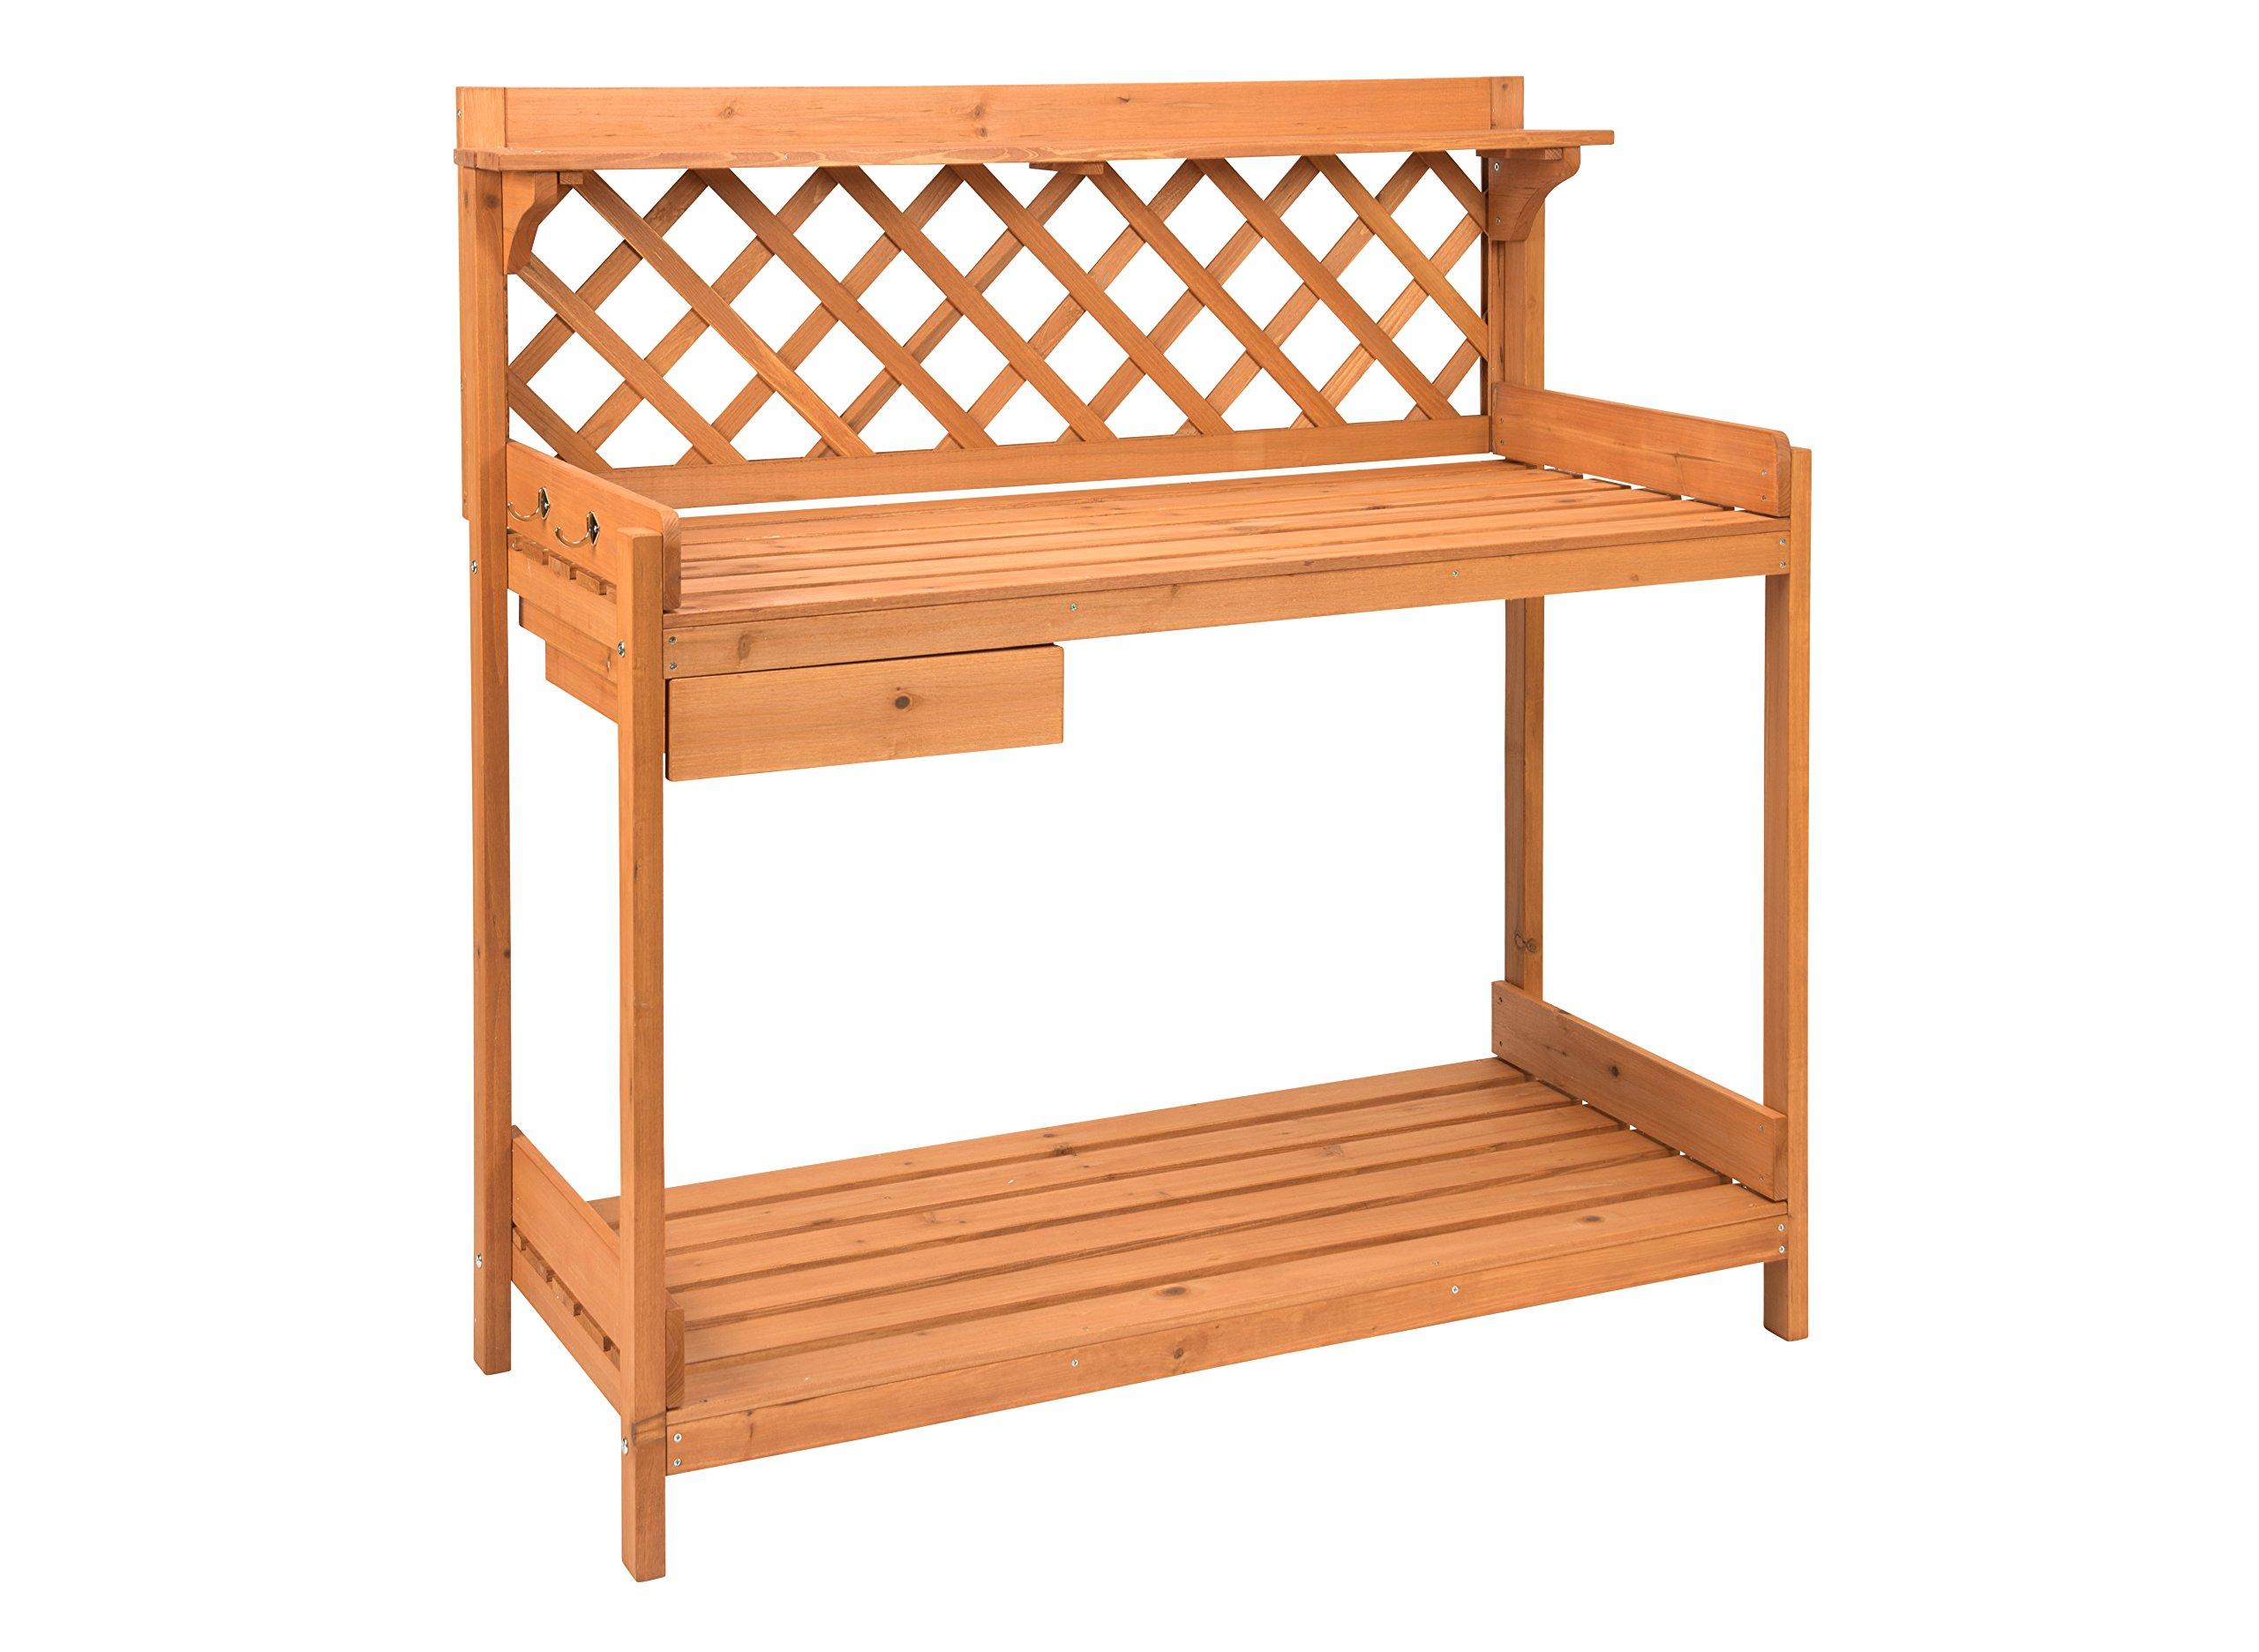 Trademark Innovations Fir Wood Garden Potting Table